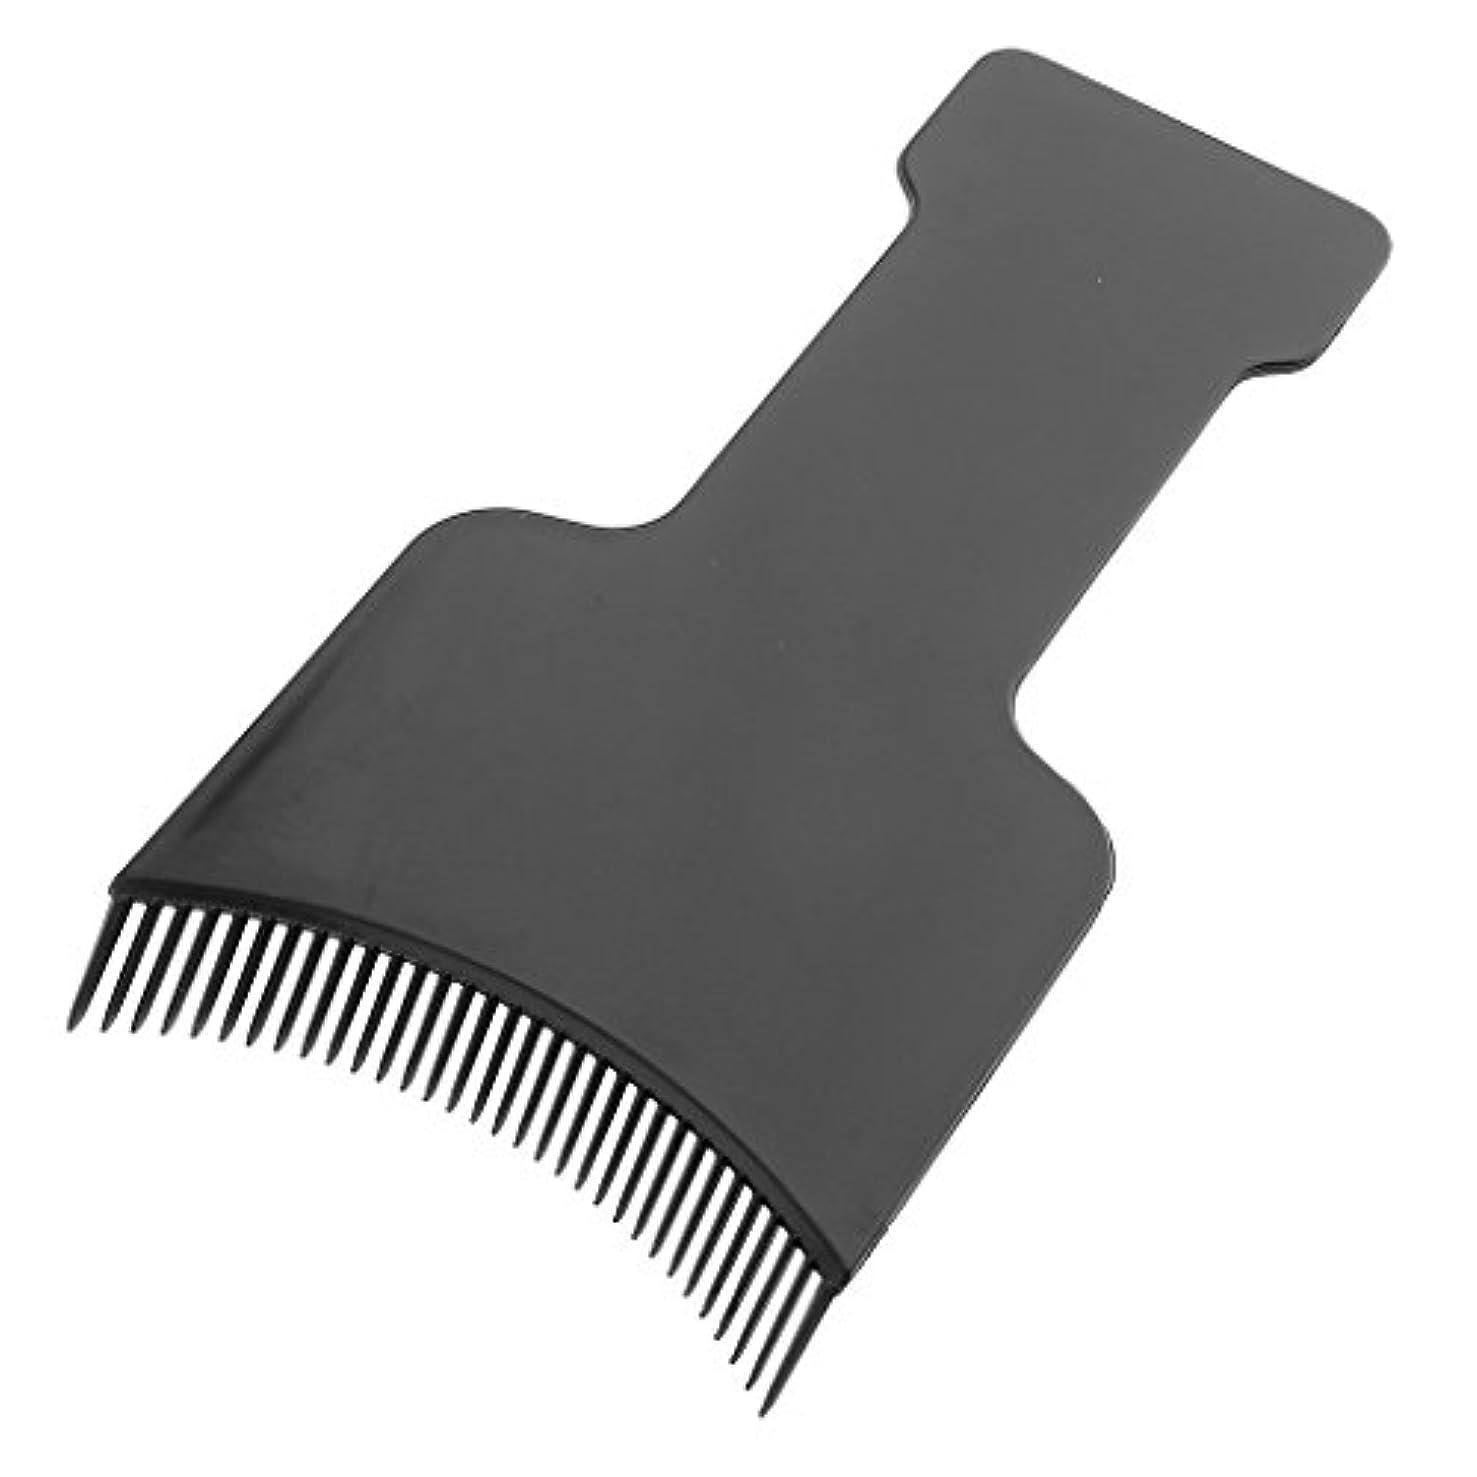 モッキンバードハンドブック朝ごはんBlesiya 染色ティントプレート ヘアカラー ボード 美容 ヘア ツール 髪 保護 ブラック 実用 便利 全4サイズ  - S